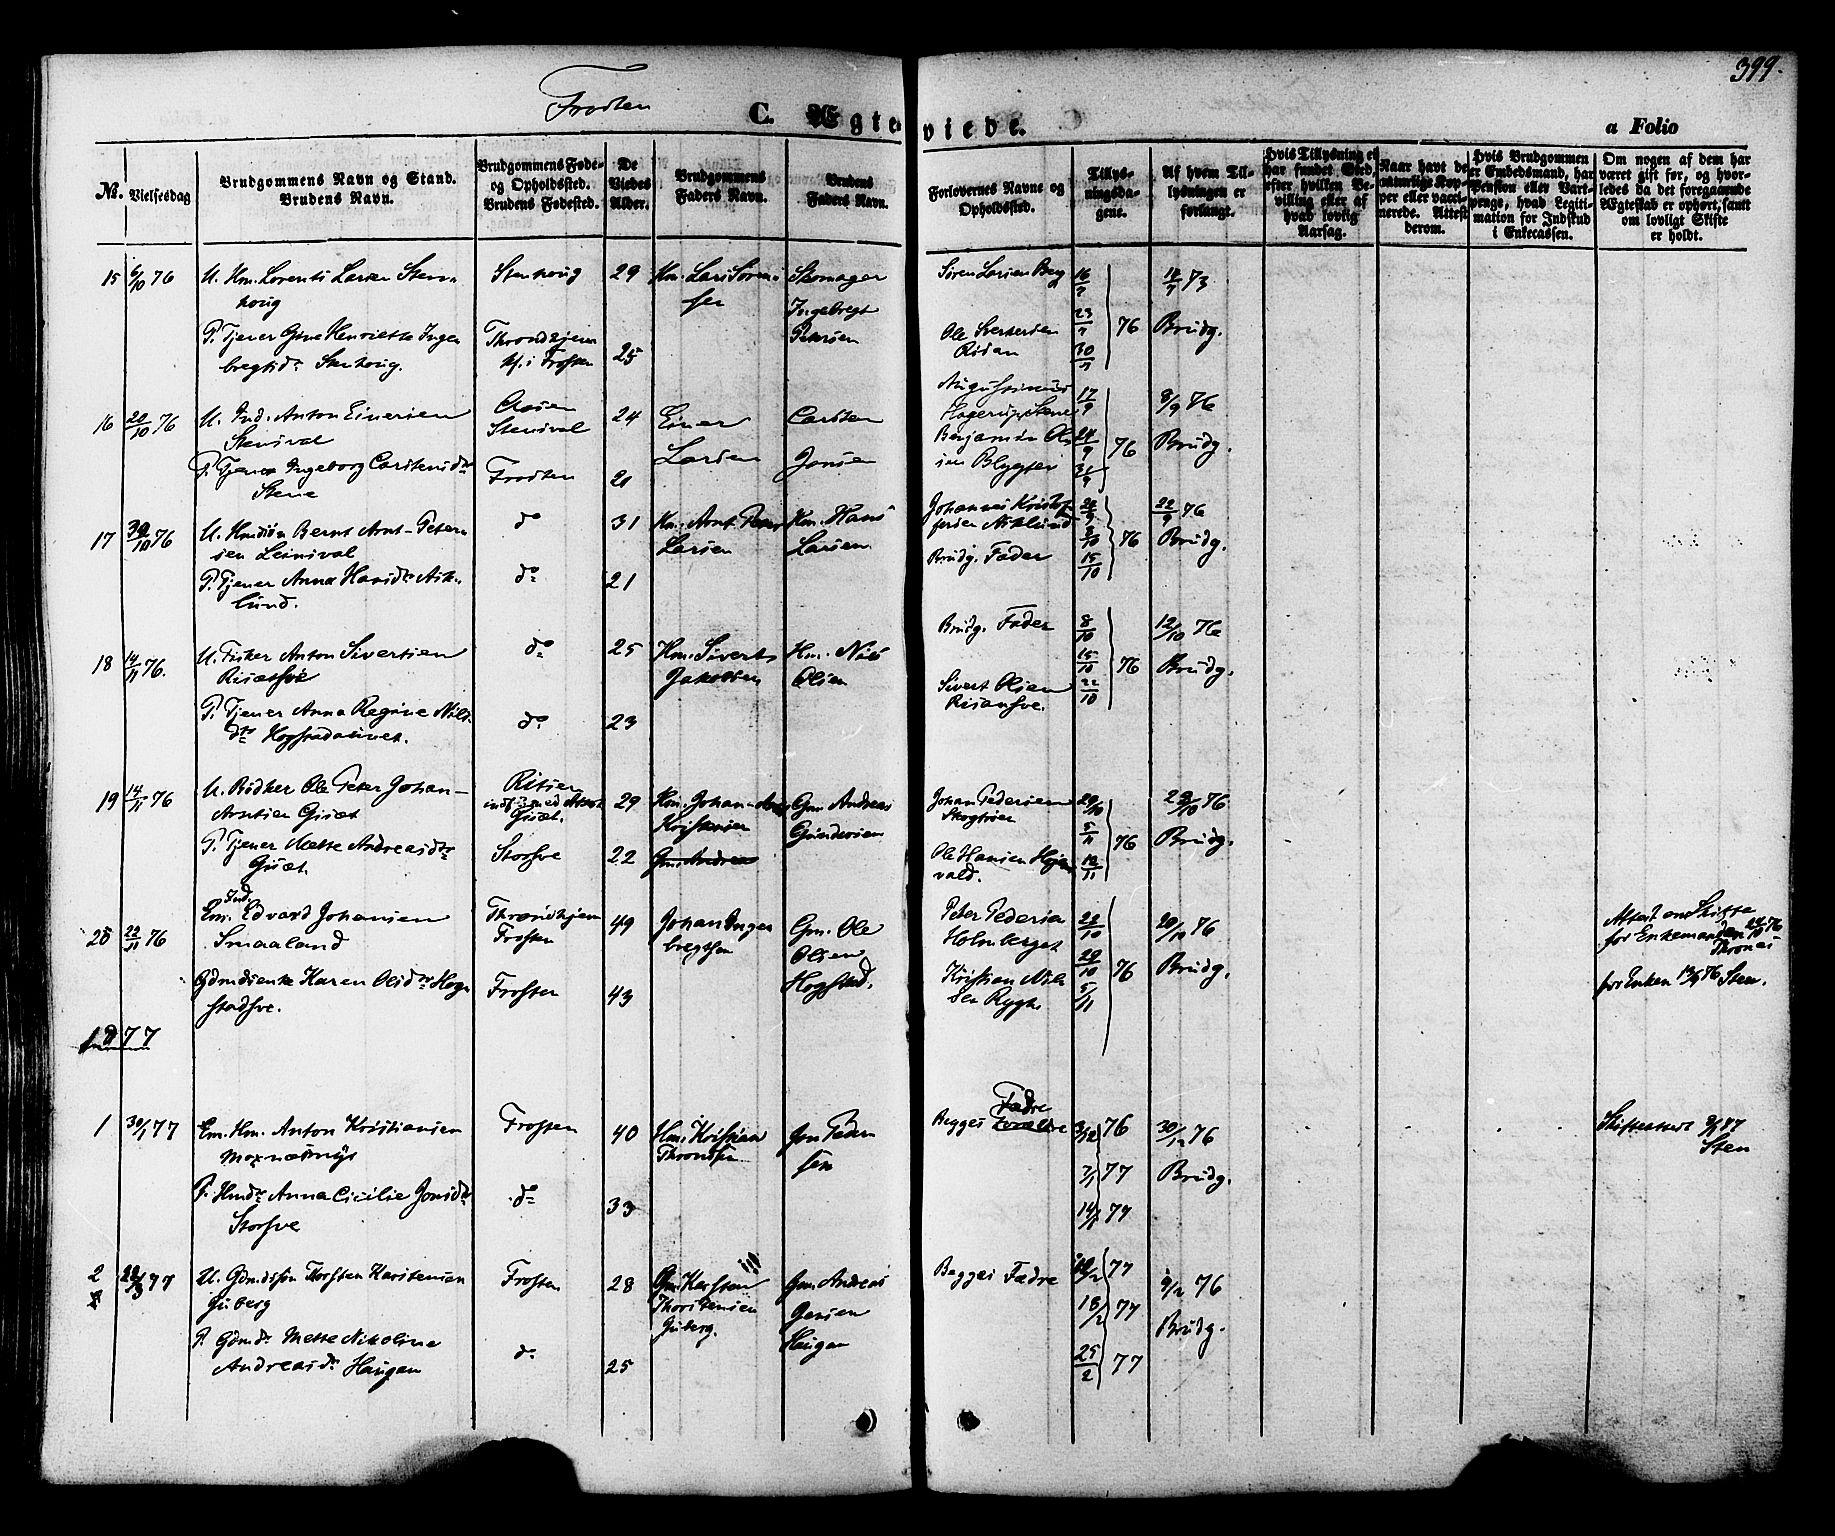 SAT, Ministerialprotokoller, klokkerbøker og fødselsregistre - Nord-Trøndelag, 713/L0116: Ministerialbok nr. 713A07 /1, 1850-1877, s. 399